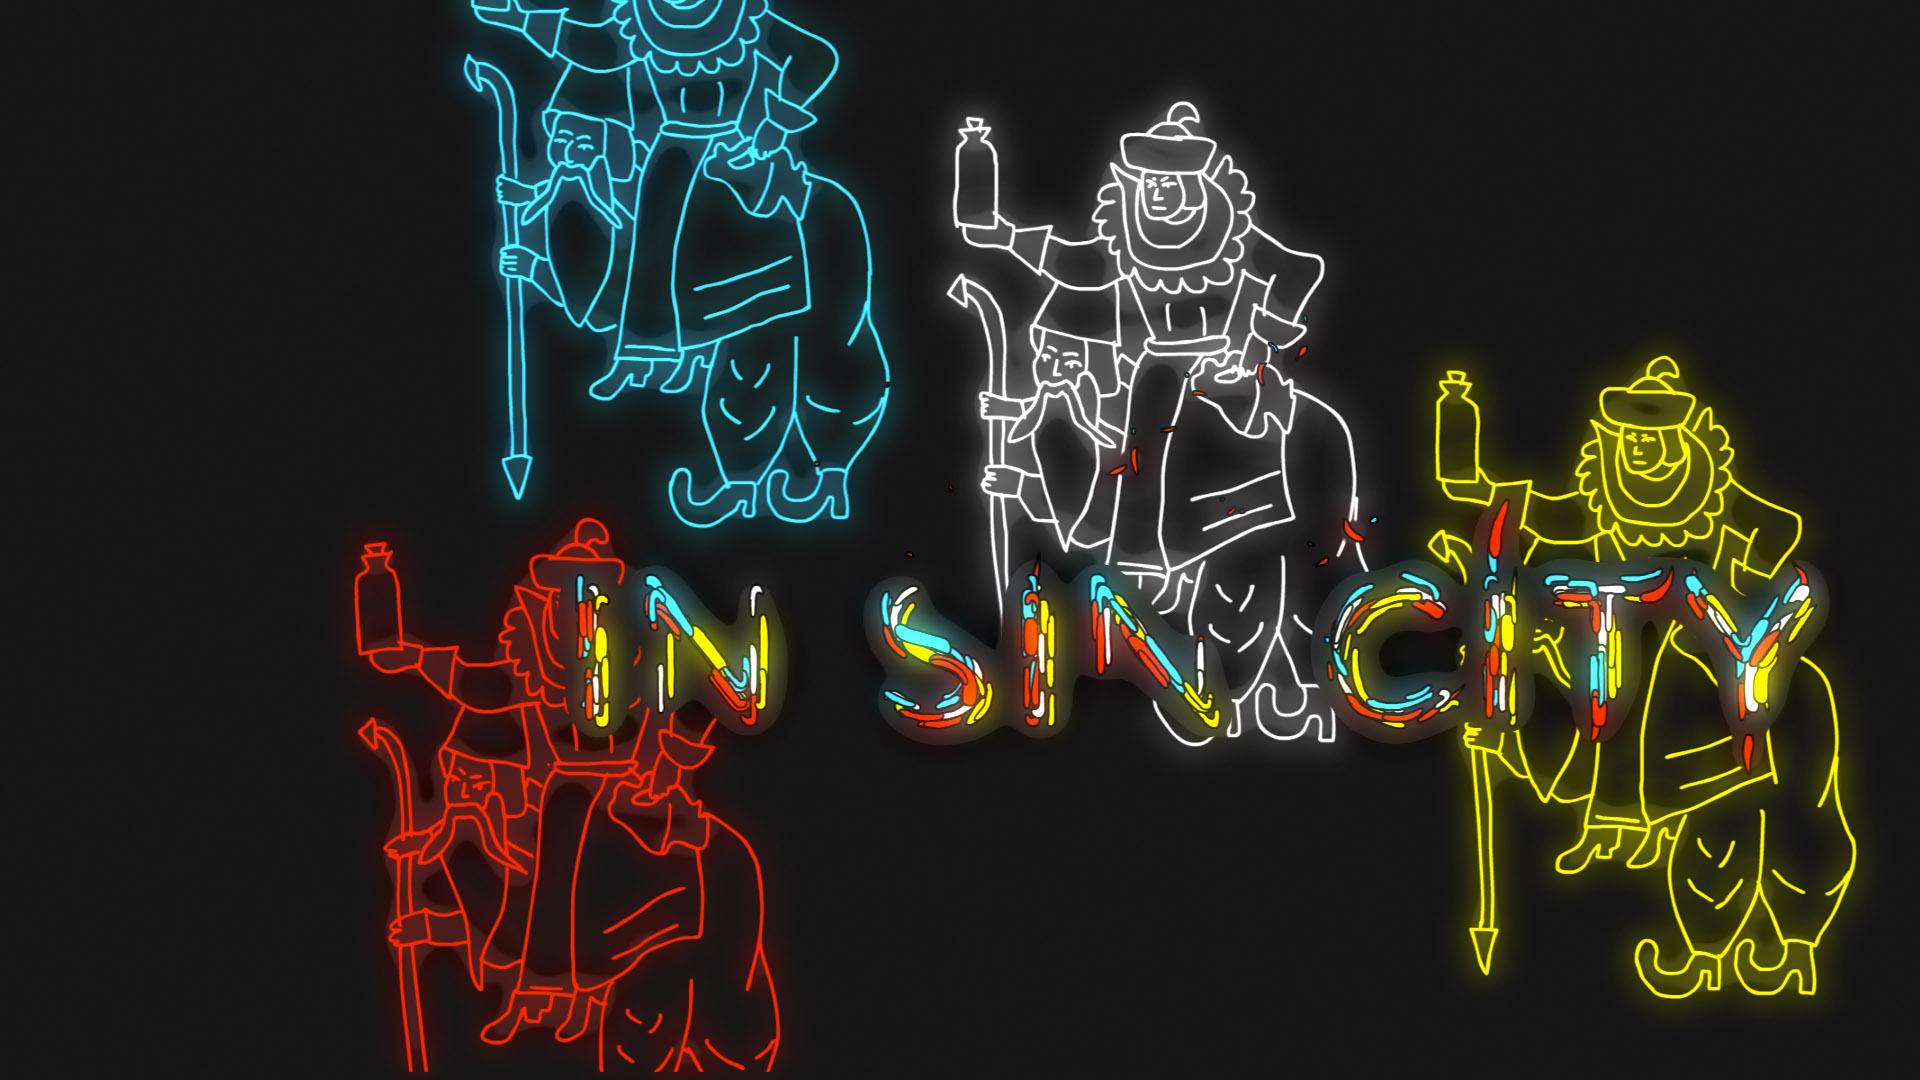 SinCity06